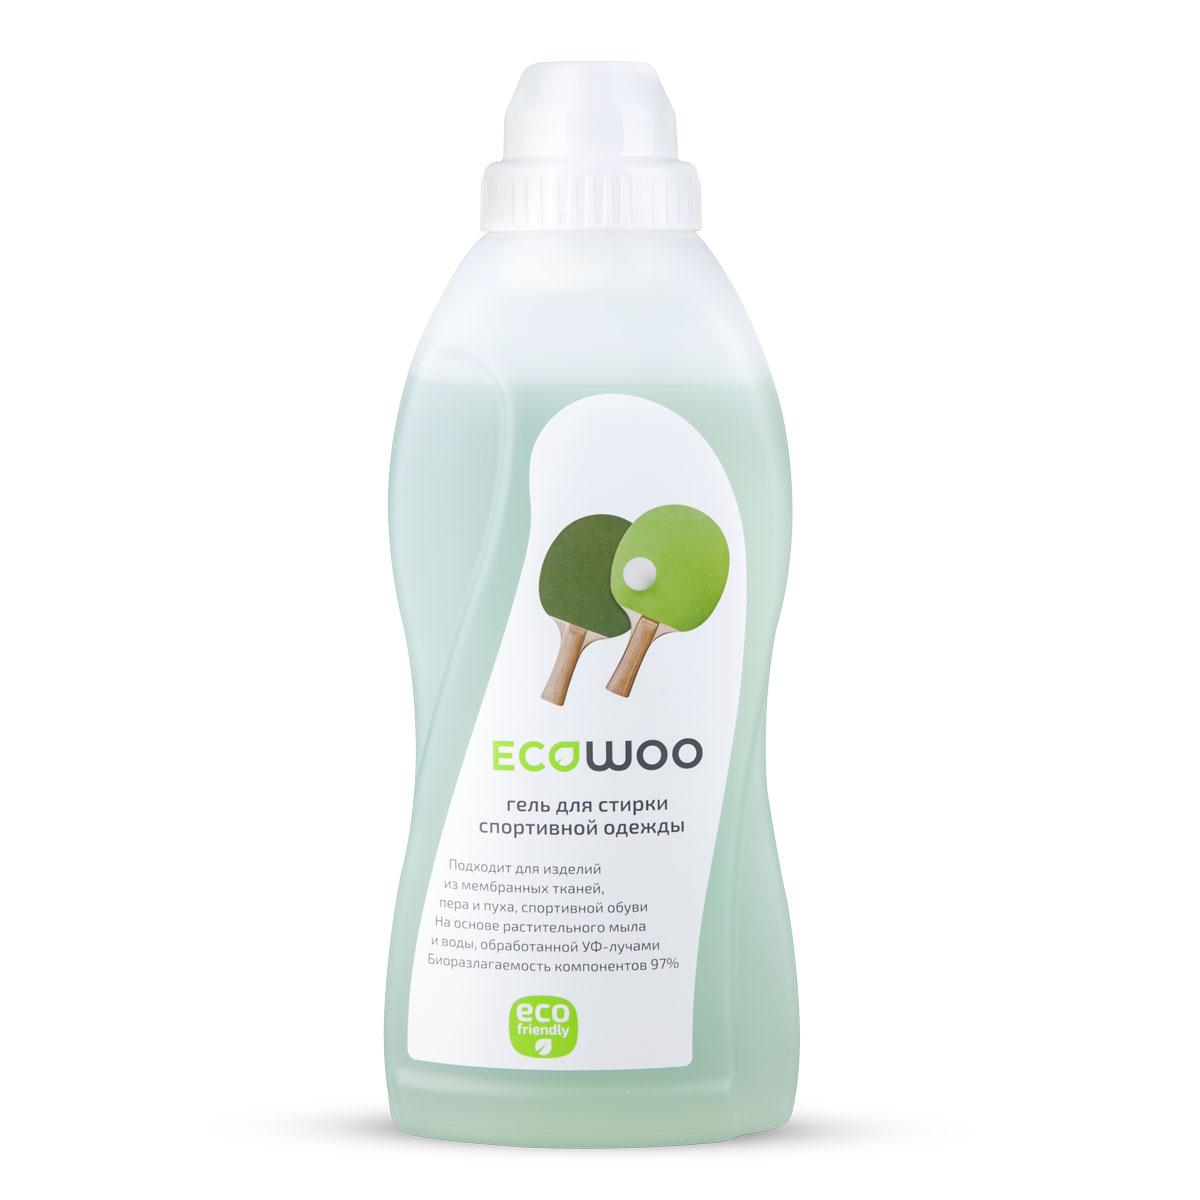 Гель для стирки спортивной одежды EcoWoo, 700 млZ-0307Гель EcoWoo подходит для стирки изделий из мембранных тканей, пера и пуха, спортивной обуви. Изготовлен на основе растительного мыла и воды, обработанной УФ-лучами. Биоразлагаемость компонентов 97%.Меры предосторожности: использовать только по назначению. При попадании в глаза и слизистые промыть большим количеством воды. При ручной стирке избегайте длительного контакта неразбавленного средства с кожей. Не употреблять в пищу.Состав: вода специально подготовленная, АПАВ 5-15%, растительное мыло 5-15%, НПАВ Товар сертифицирован.